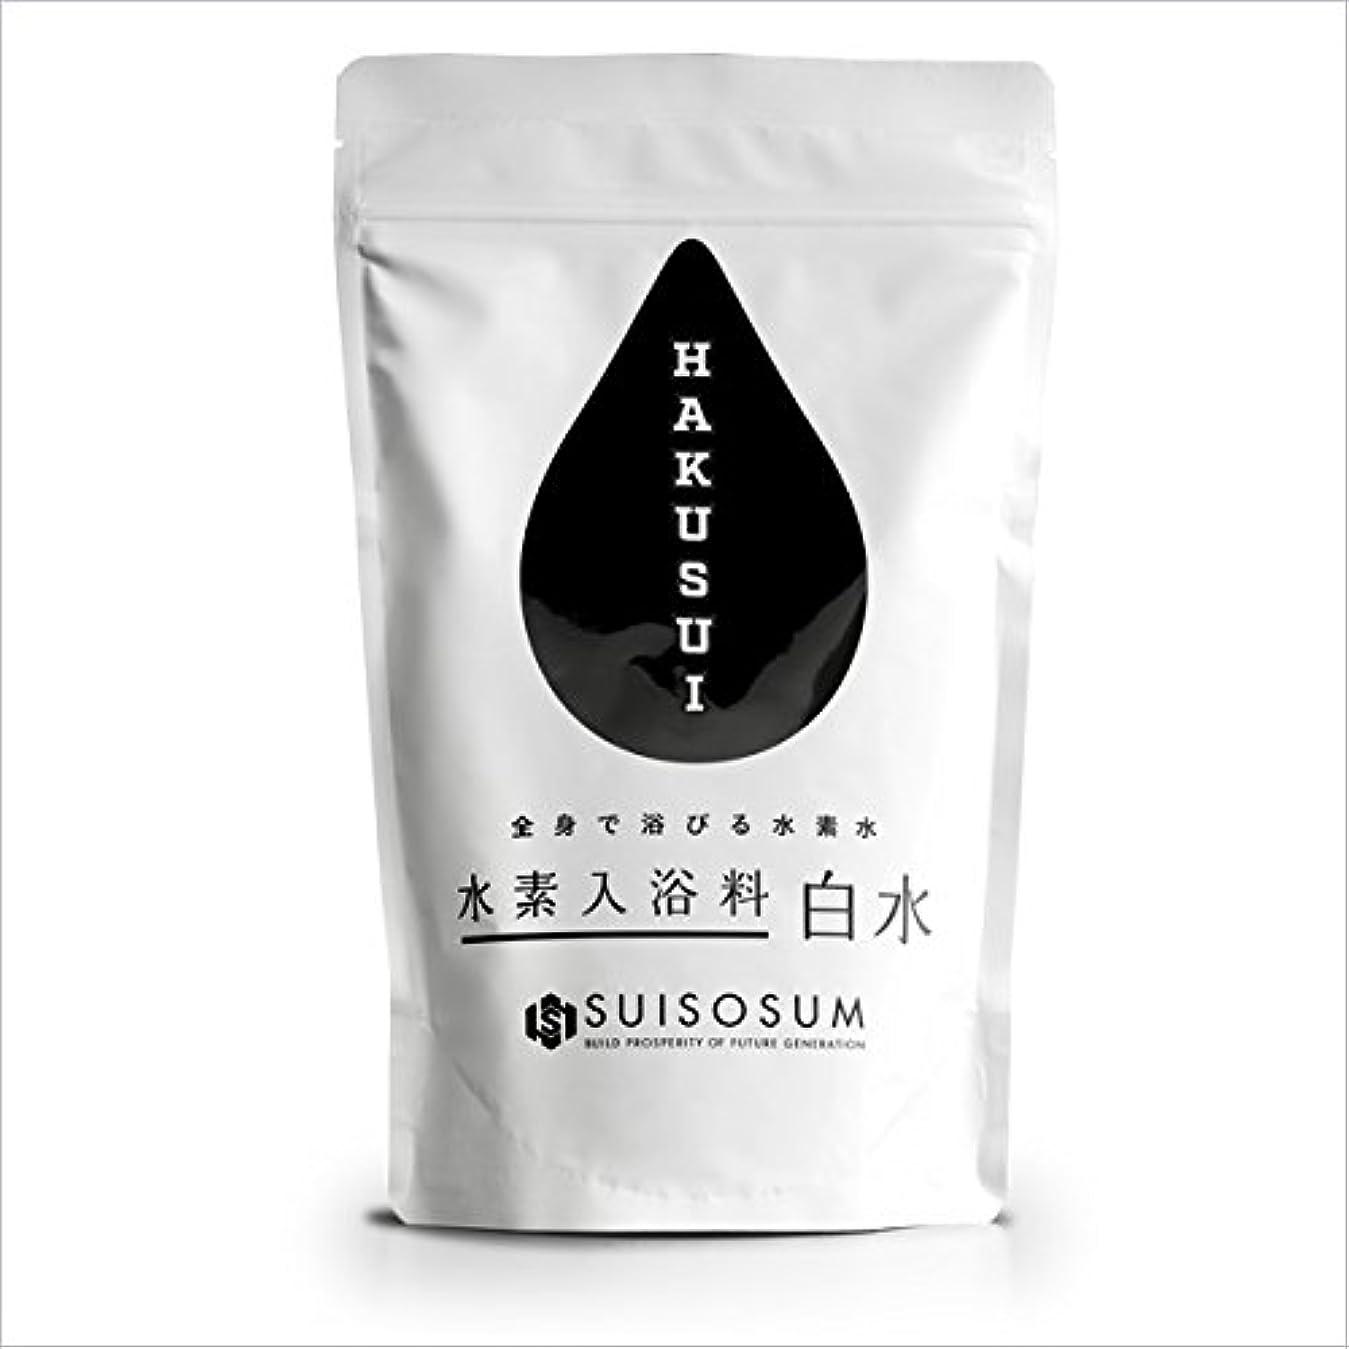 タイプライター不規則性アンプ【HAKUSUI】水素入浴料 白水(750g)